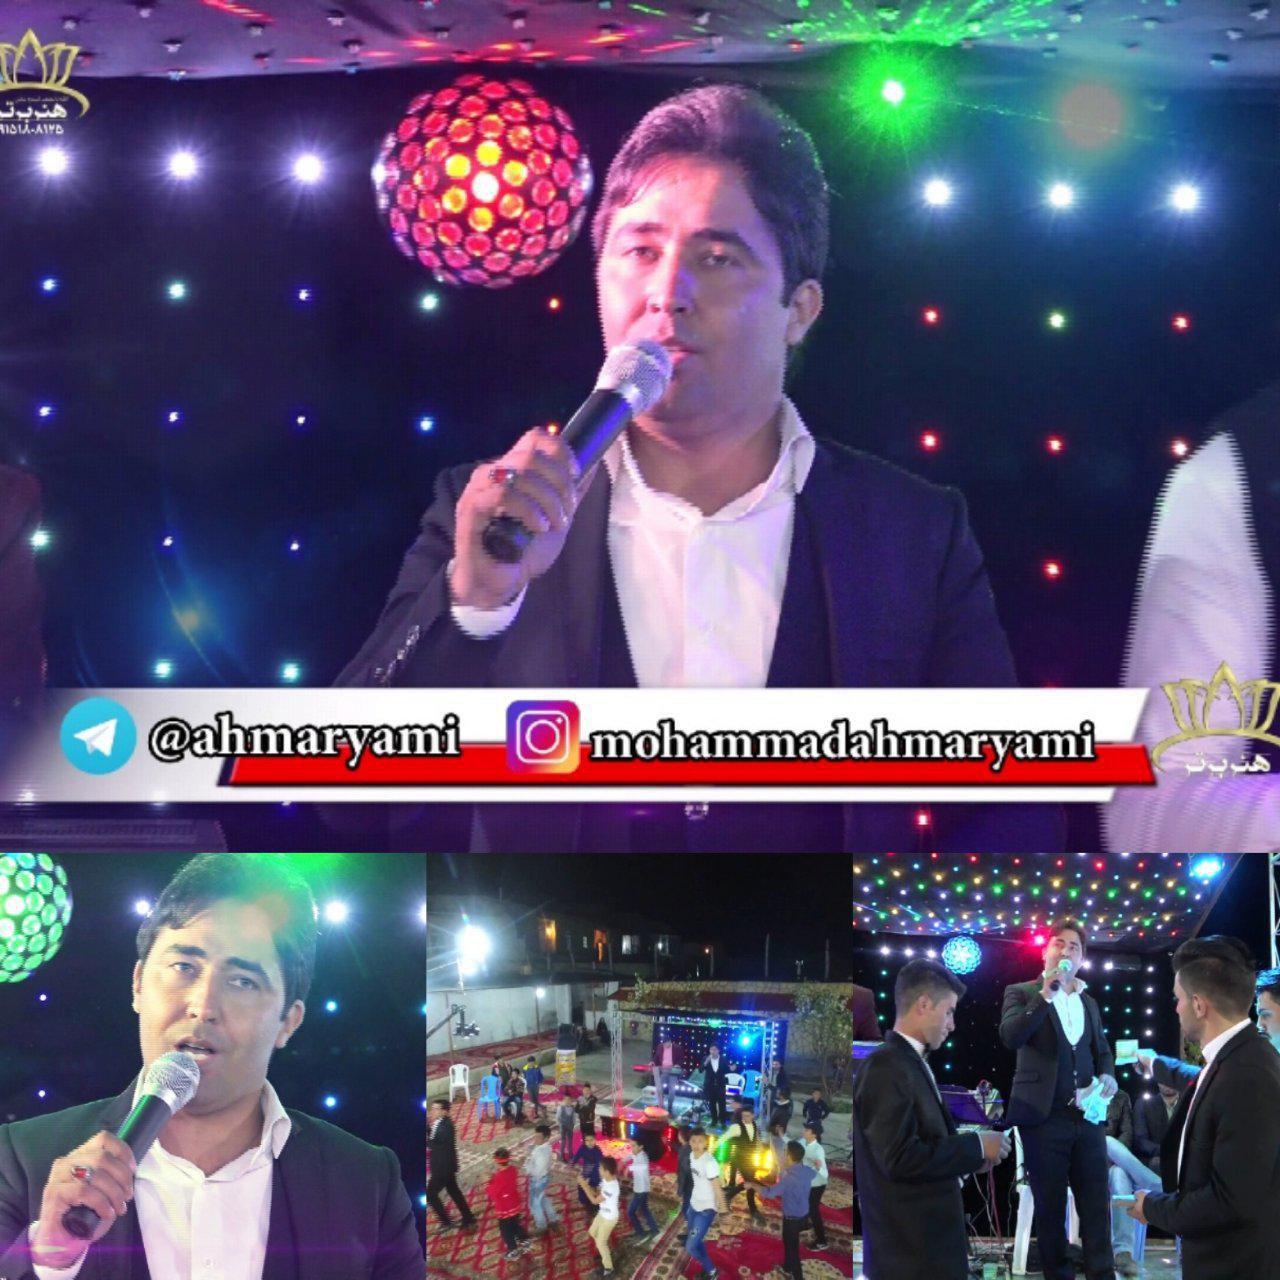 دانلود آهنگ جدید محمد احمریامی به نام یار هاتیه